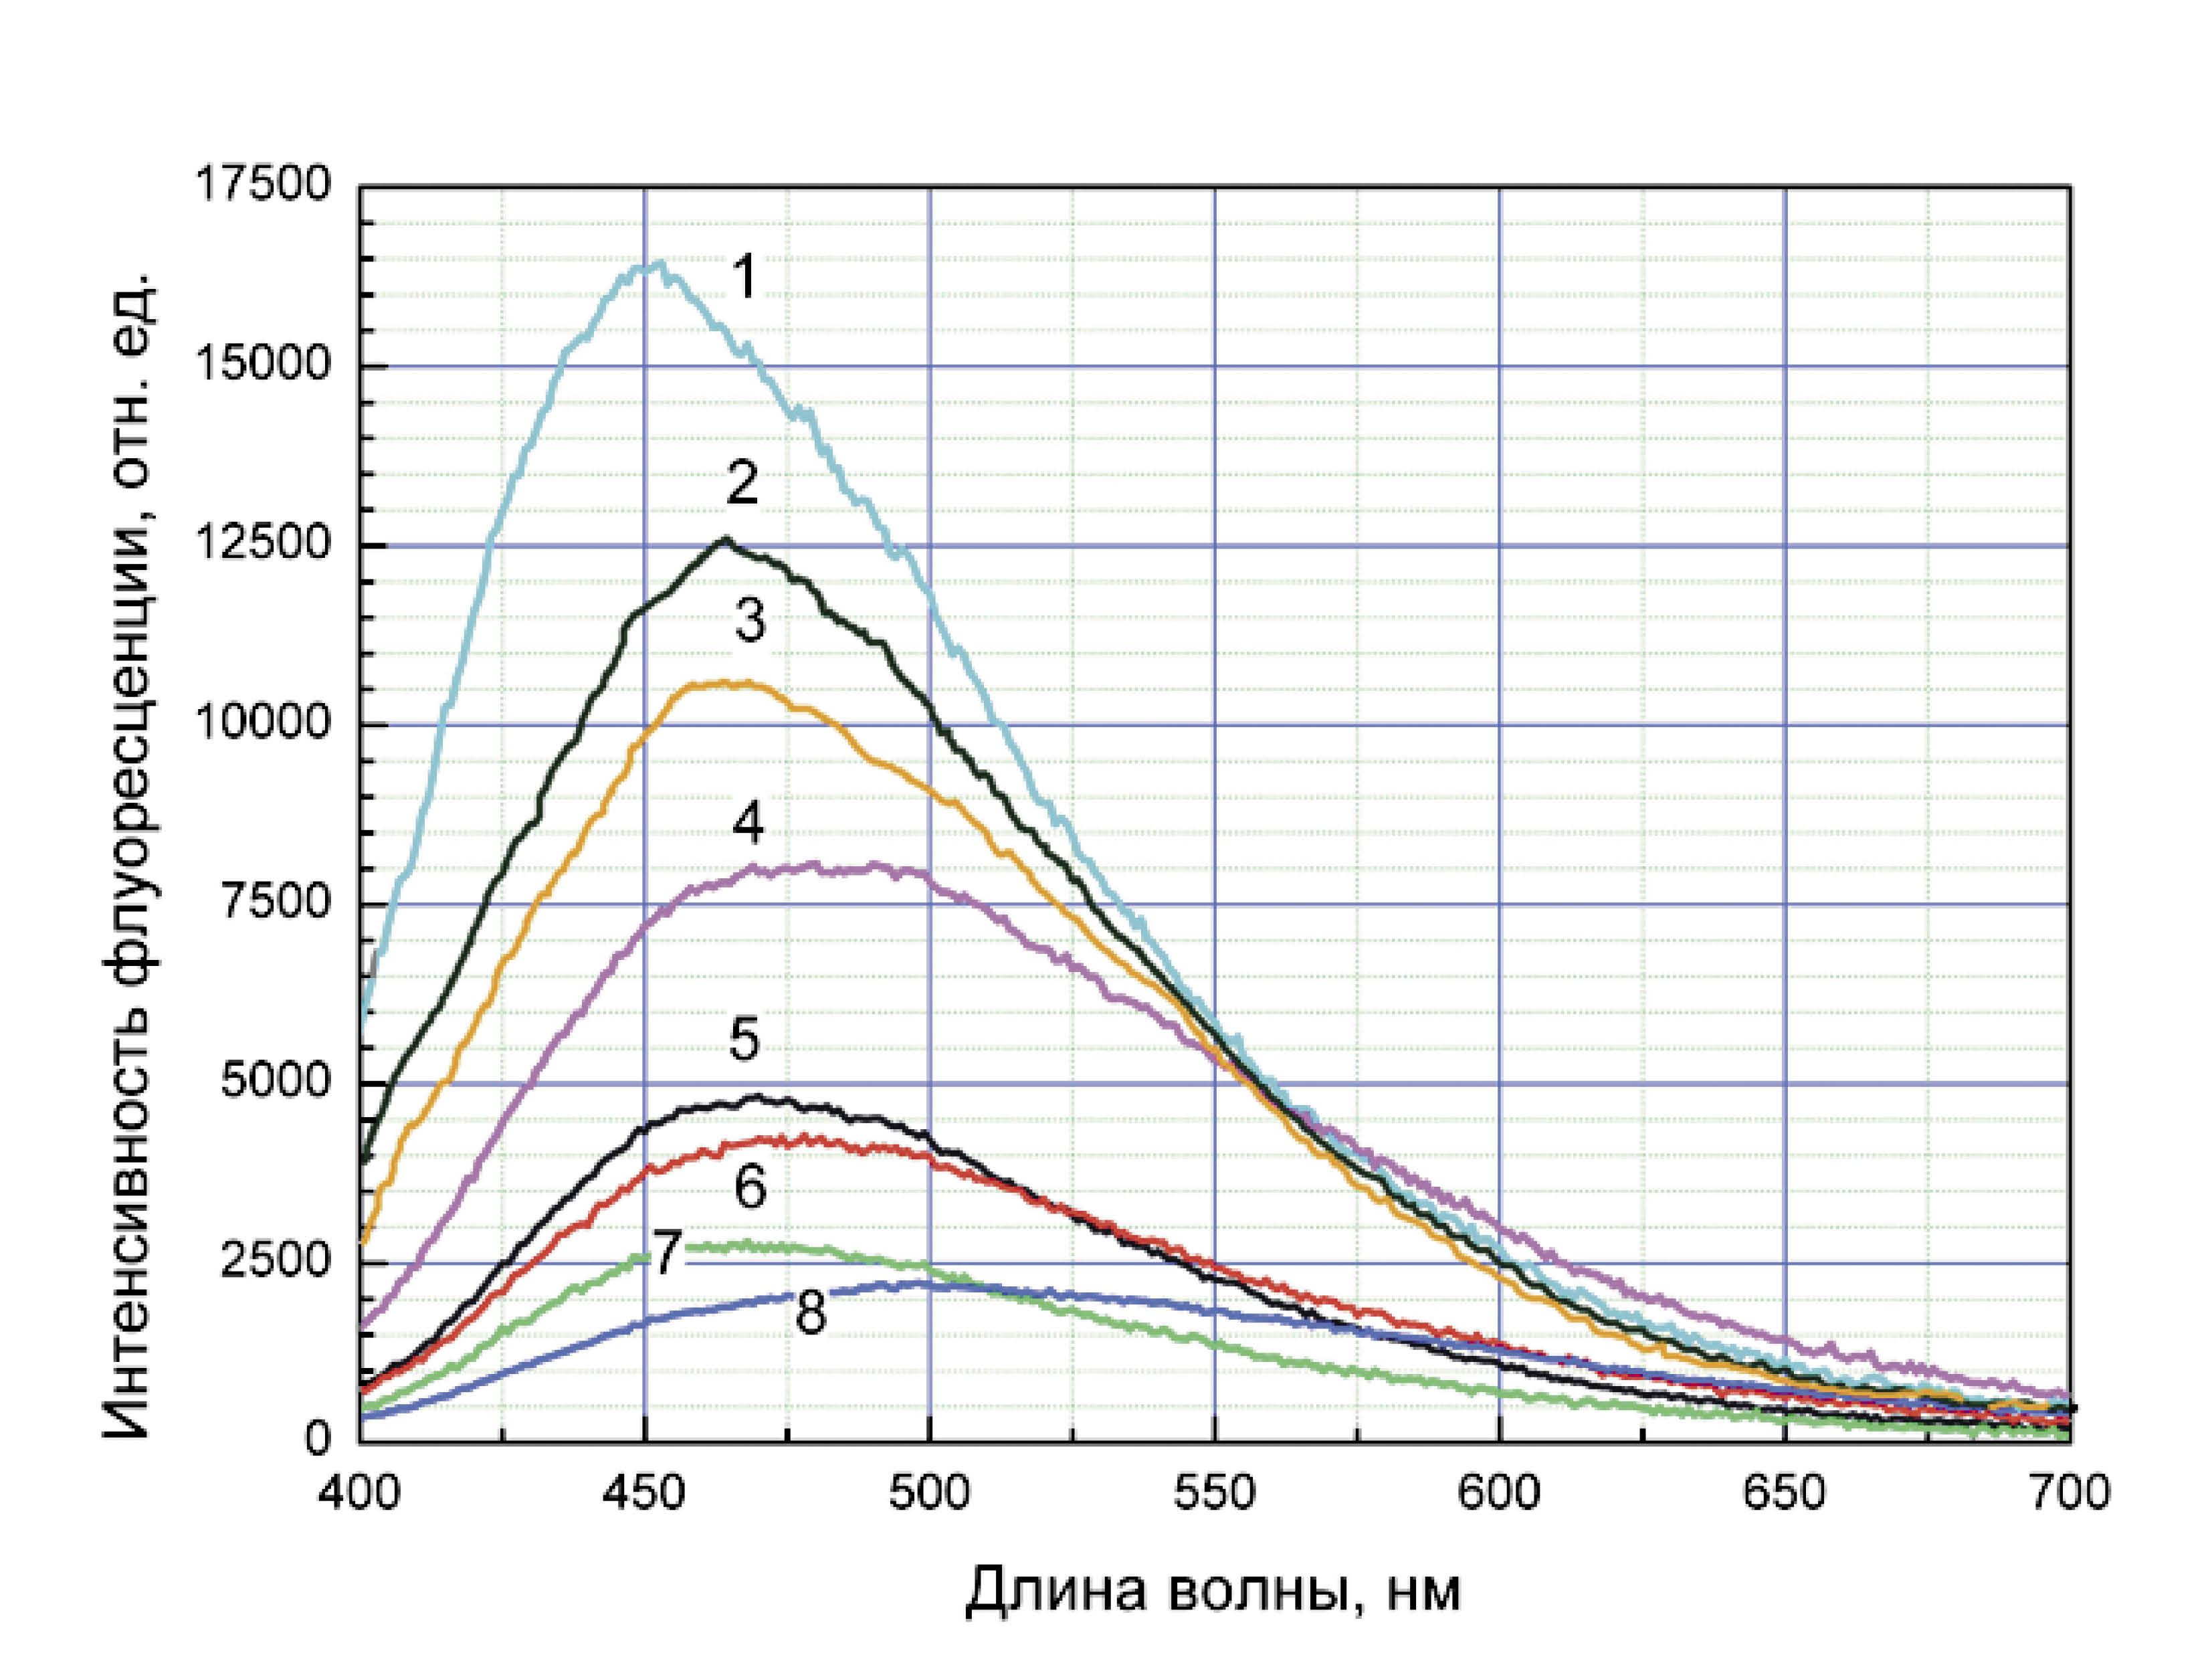 Рис. 14. Интенсивность флуоресценции твердых тканей зуба: 1 — эмалево-дентинное соединение слабоминерализованного зуба; 2 — эмалево-дентинное соединение минерализованного зуба; 3 — слабоминерализованный дентин; 4 — минерализованный дентин; 5 — интактный зуб пациента «младшей возрастной группы»; 6 — интактный зуб пациента «старшей возрастной группы»; 7 — слабоминерализованная эмаль; 8 — минерализованная эмаль.